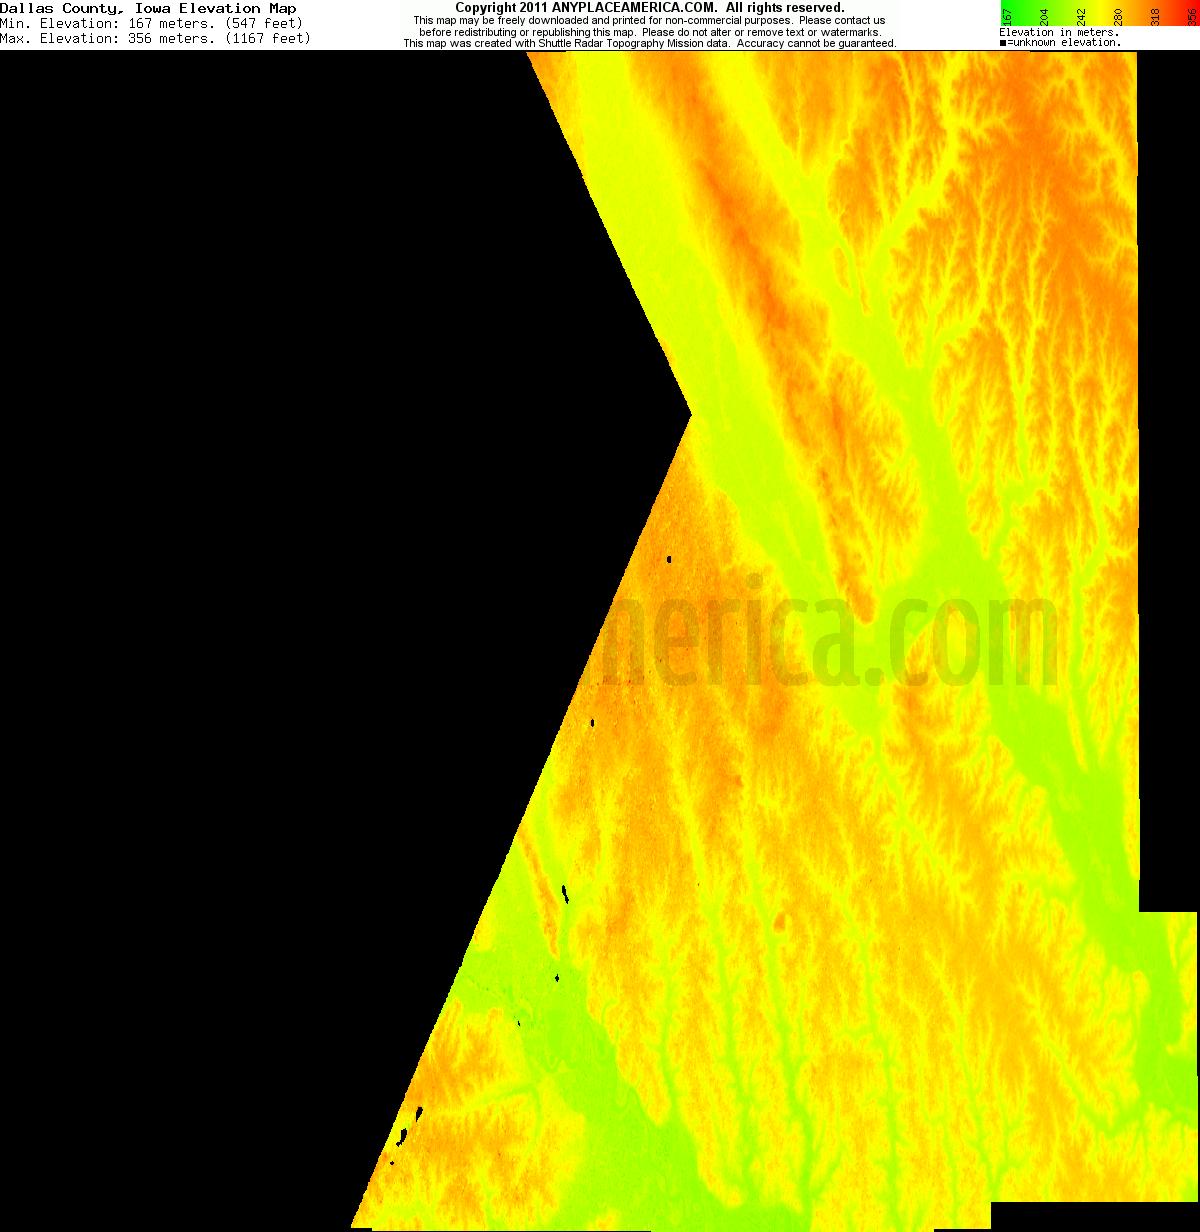 free dallas county iowa topo maps elevations free dallas county iowa topo maps